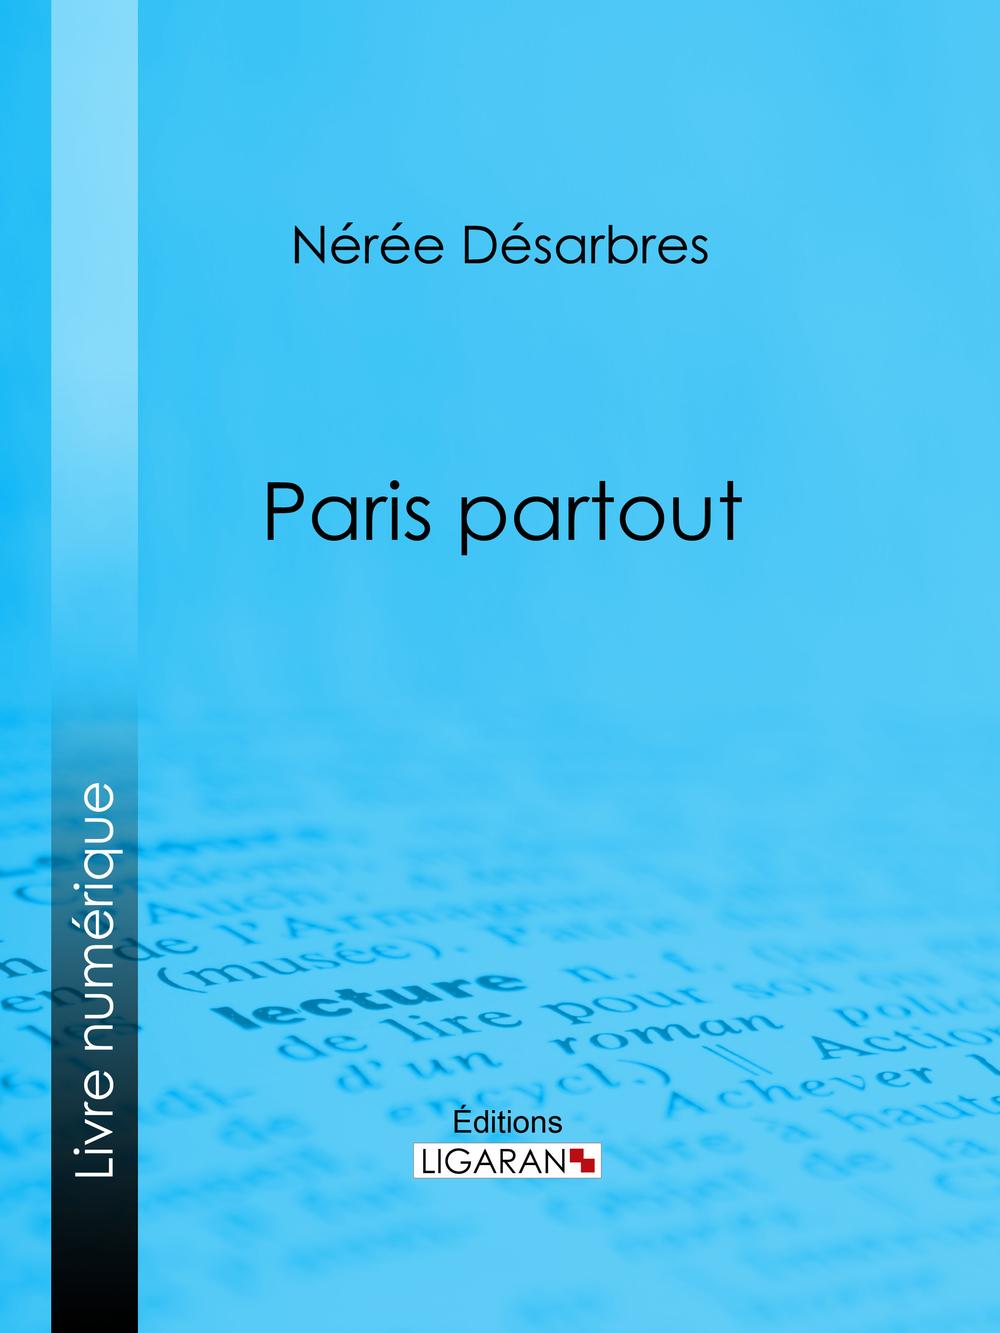 Paris partout